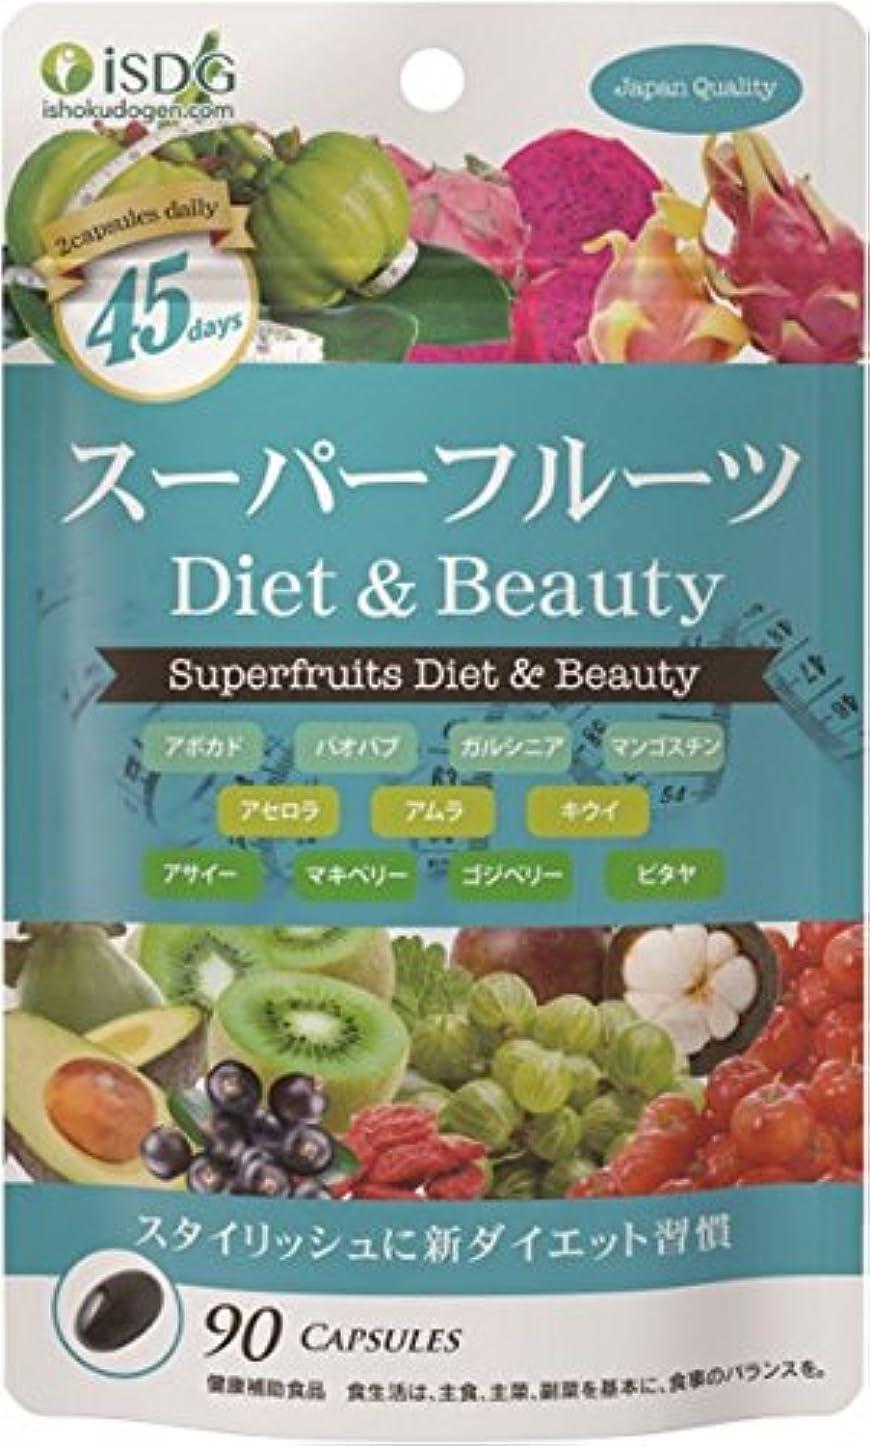 幽霊突然失業者医食同源ドットコム スーパーフルーツ Diet & Beauty 470mg×90粒